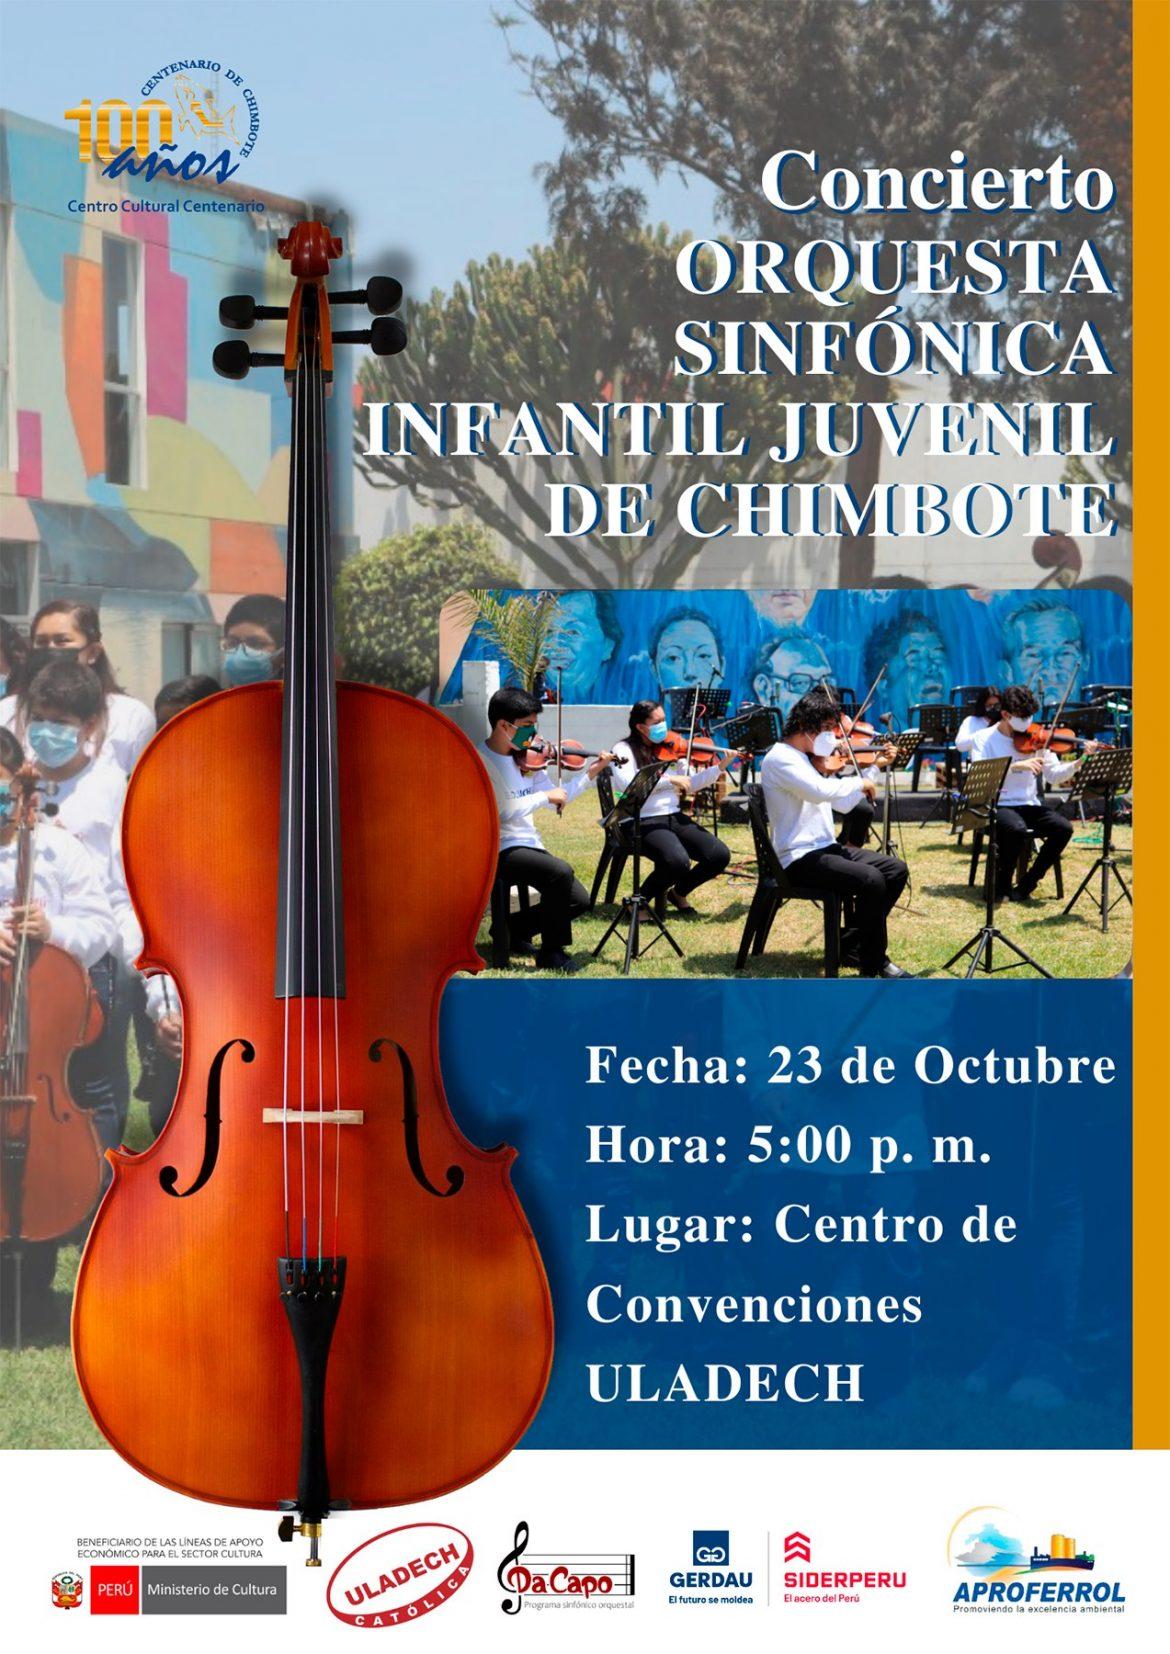 Orquesta Sinfónica Infantil Juvenil de Chimbote ofrecerá concierto presencial luego de casi dos años de difíciles circunstancias de estar lejos de los escenarios